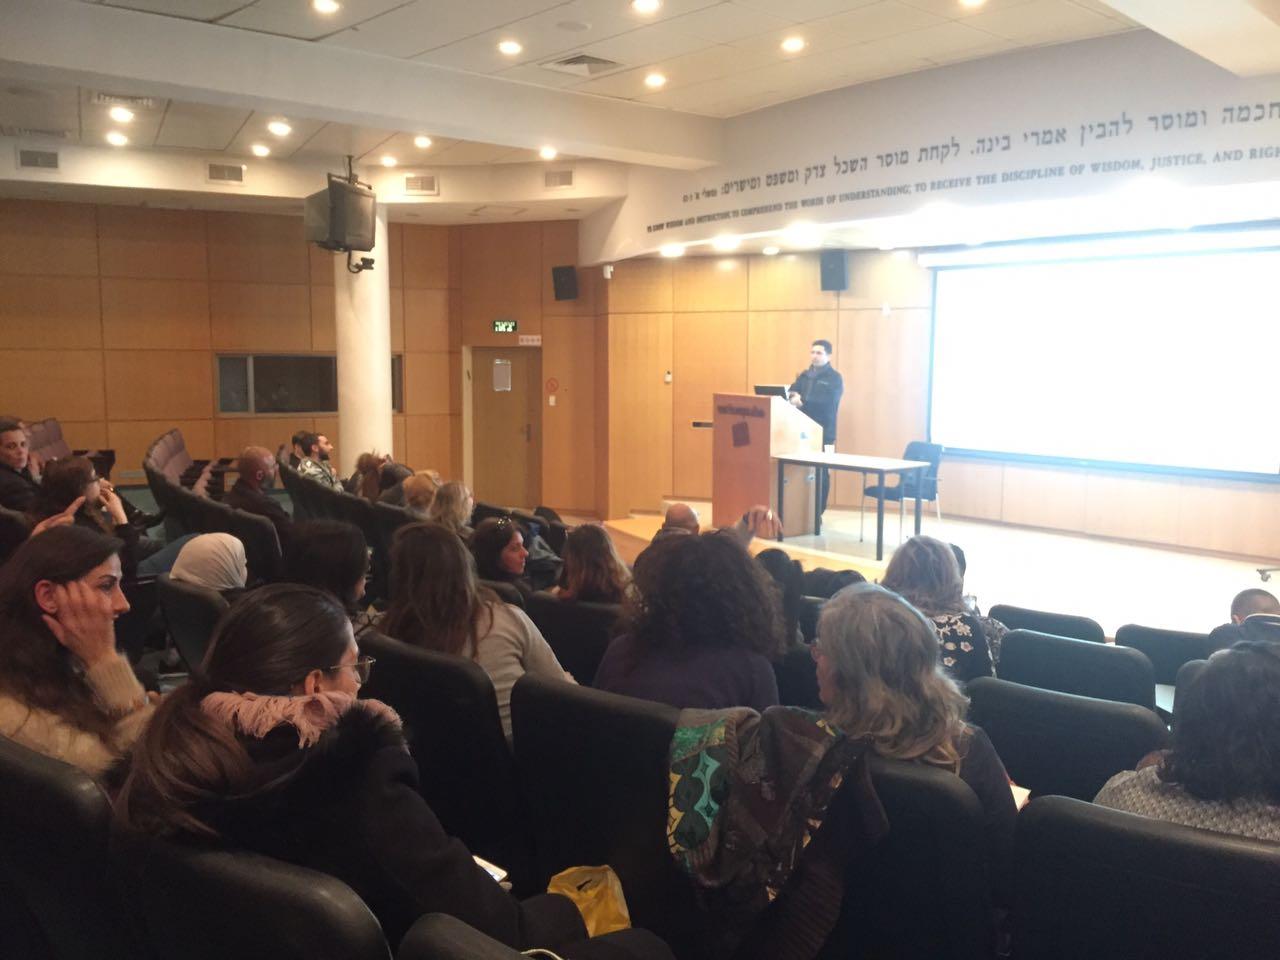 הרצאה של היזם והמנהל גיא יקר בתכנית מנהל עסקים, המכללה האקדמית גליל מערבי